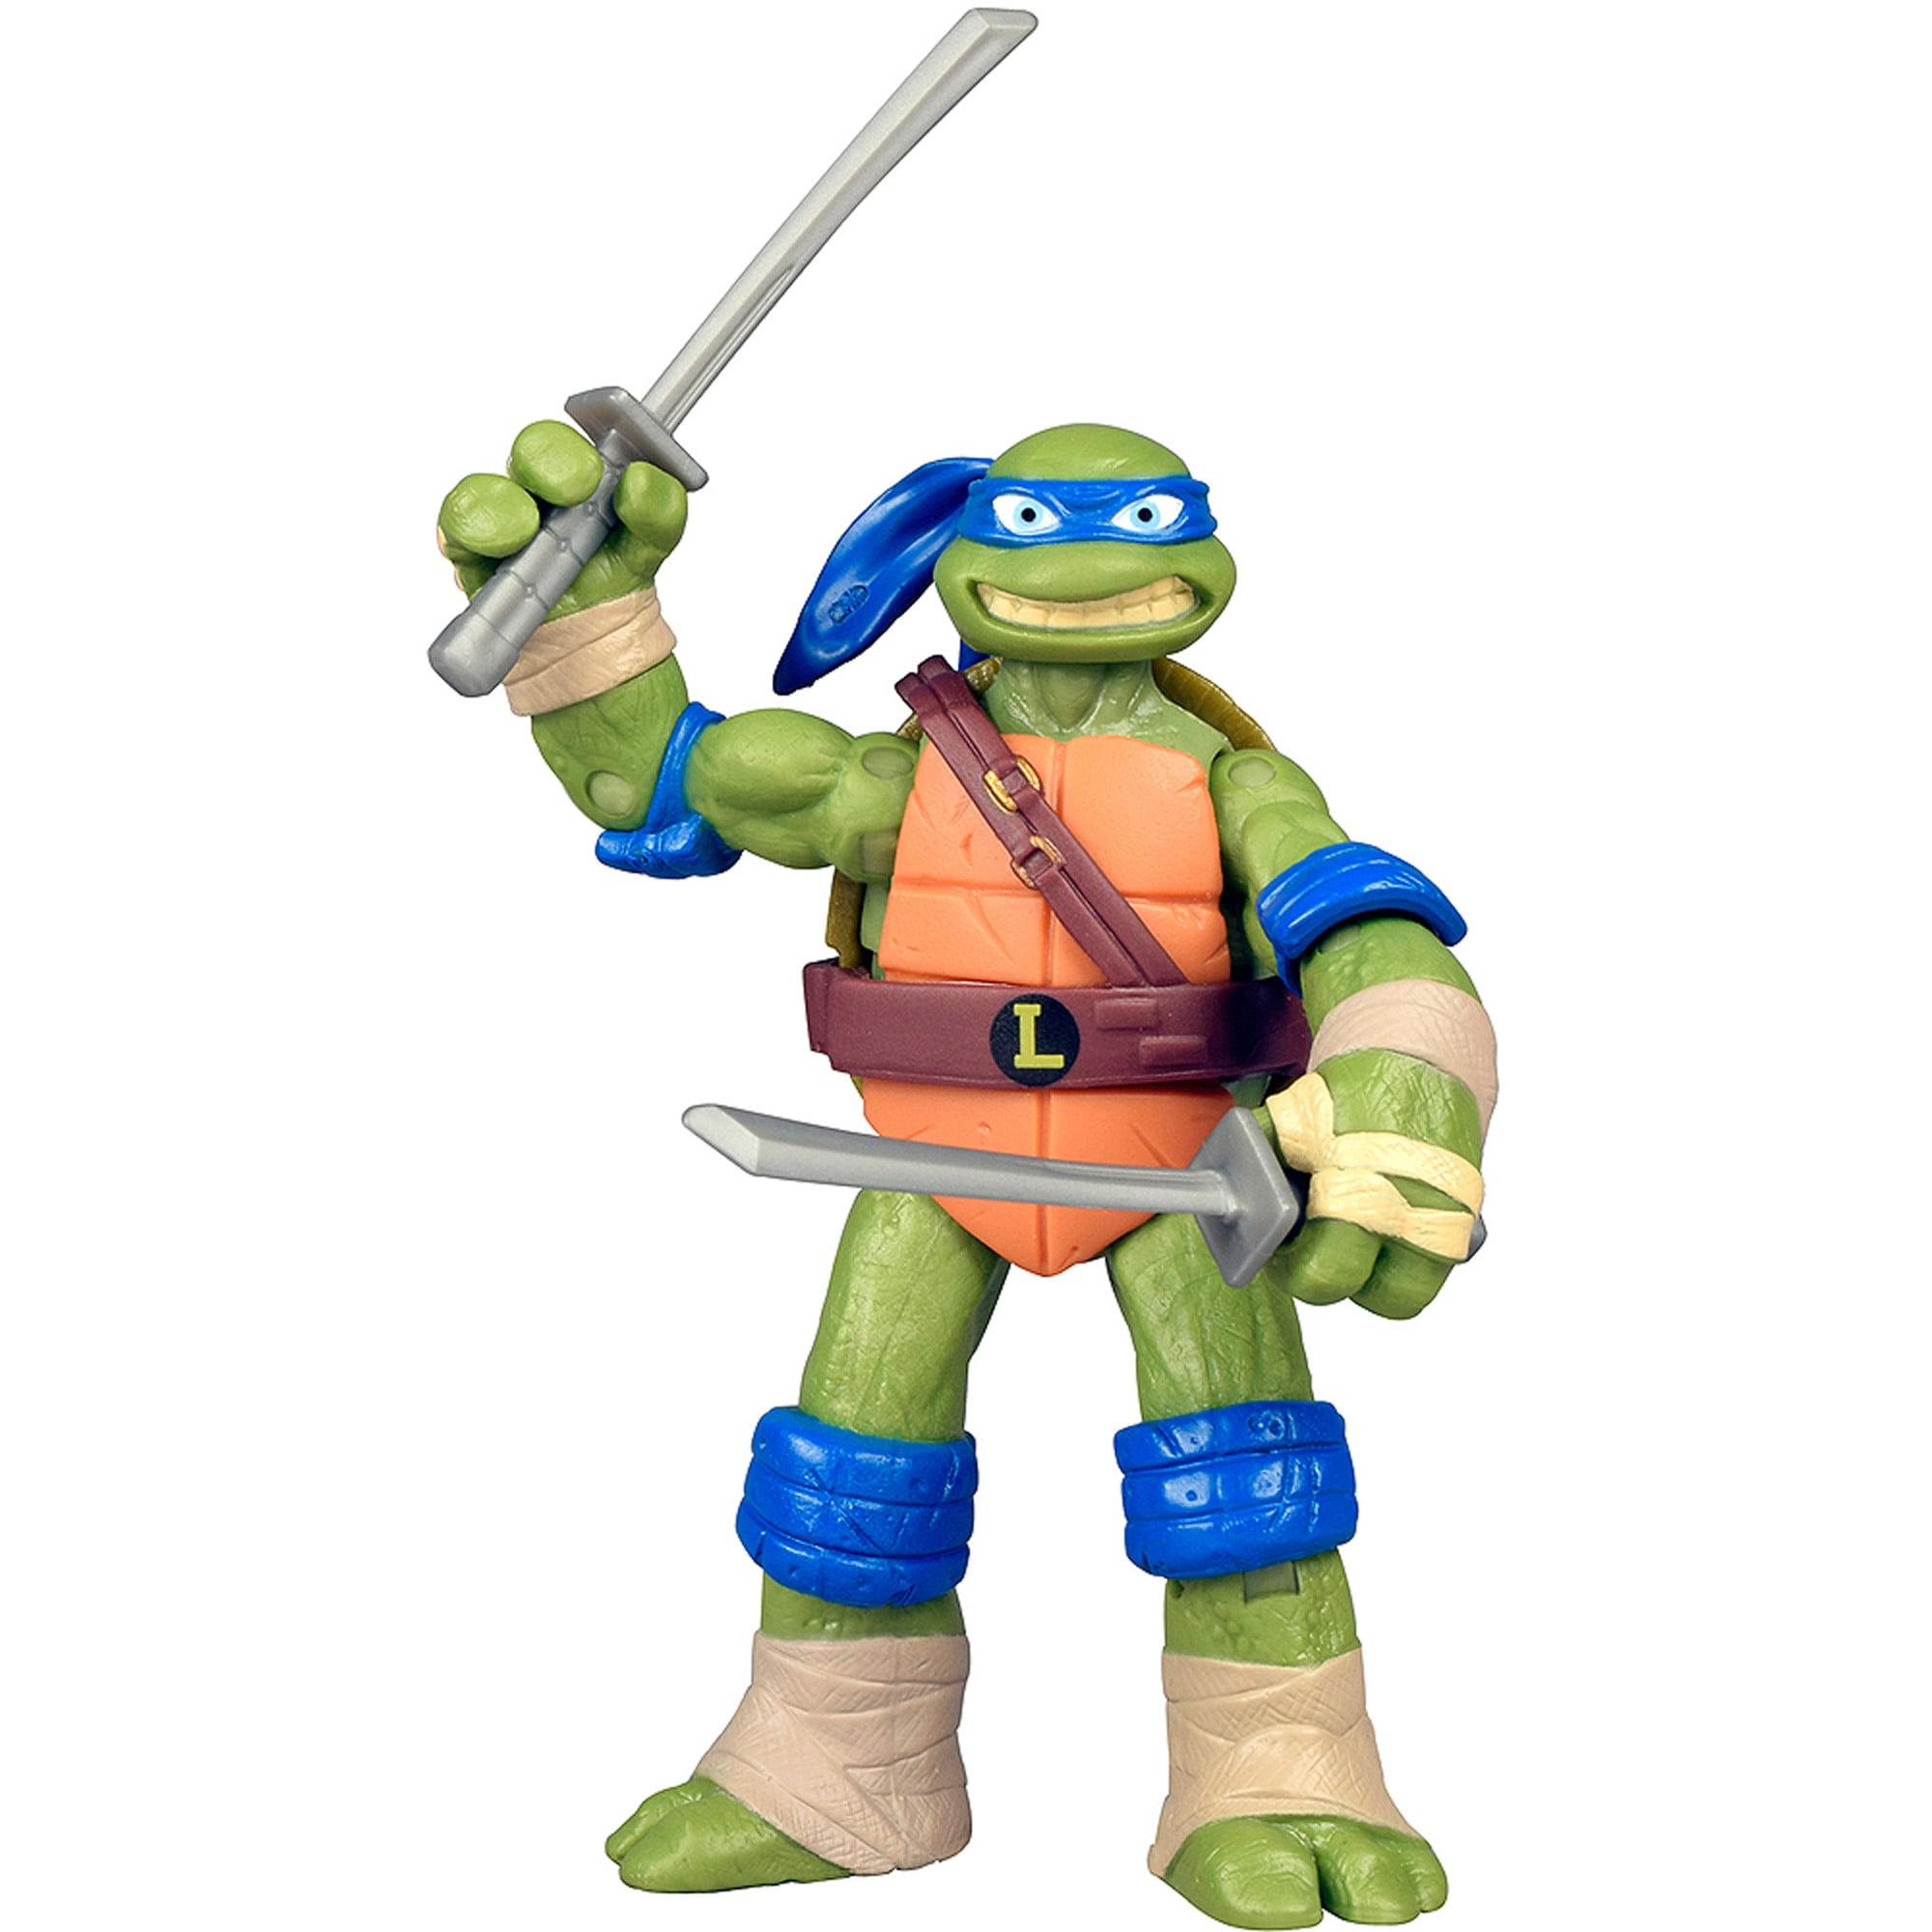 Nickelodeon Teenage Mutant Ninja Turtles Re-Deco Action Figure, Leonardo